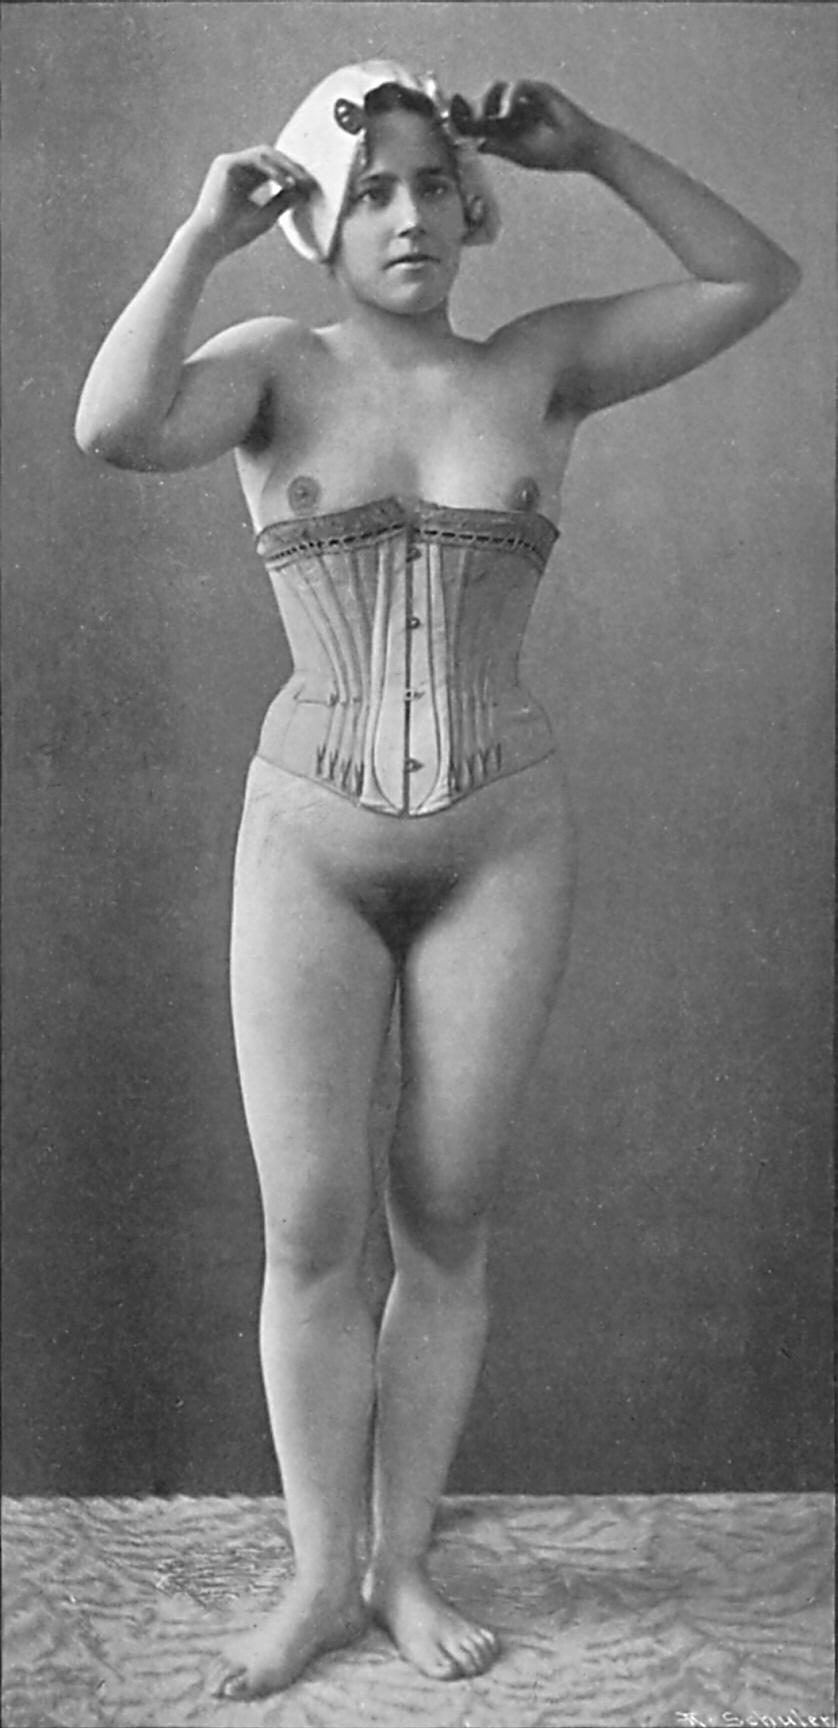 Unshaved female genitalia